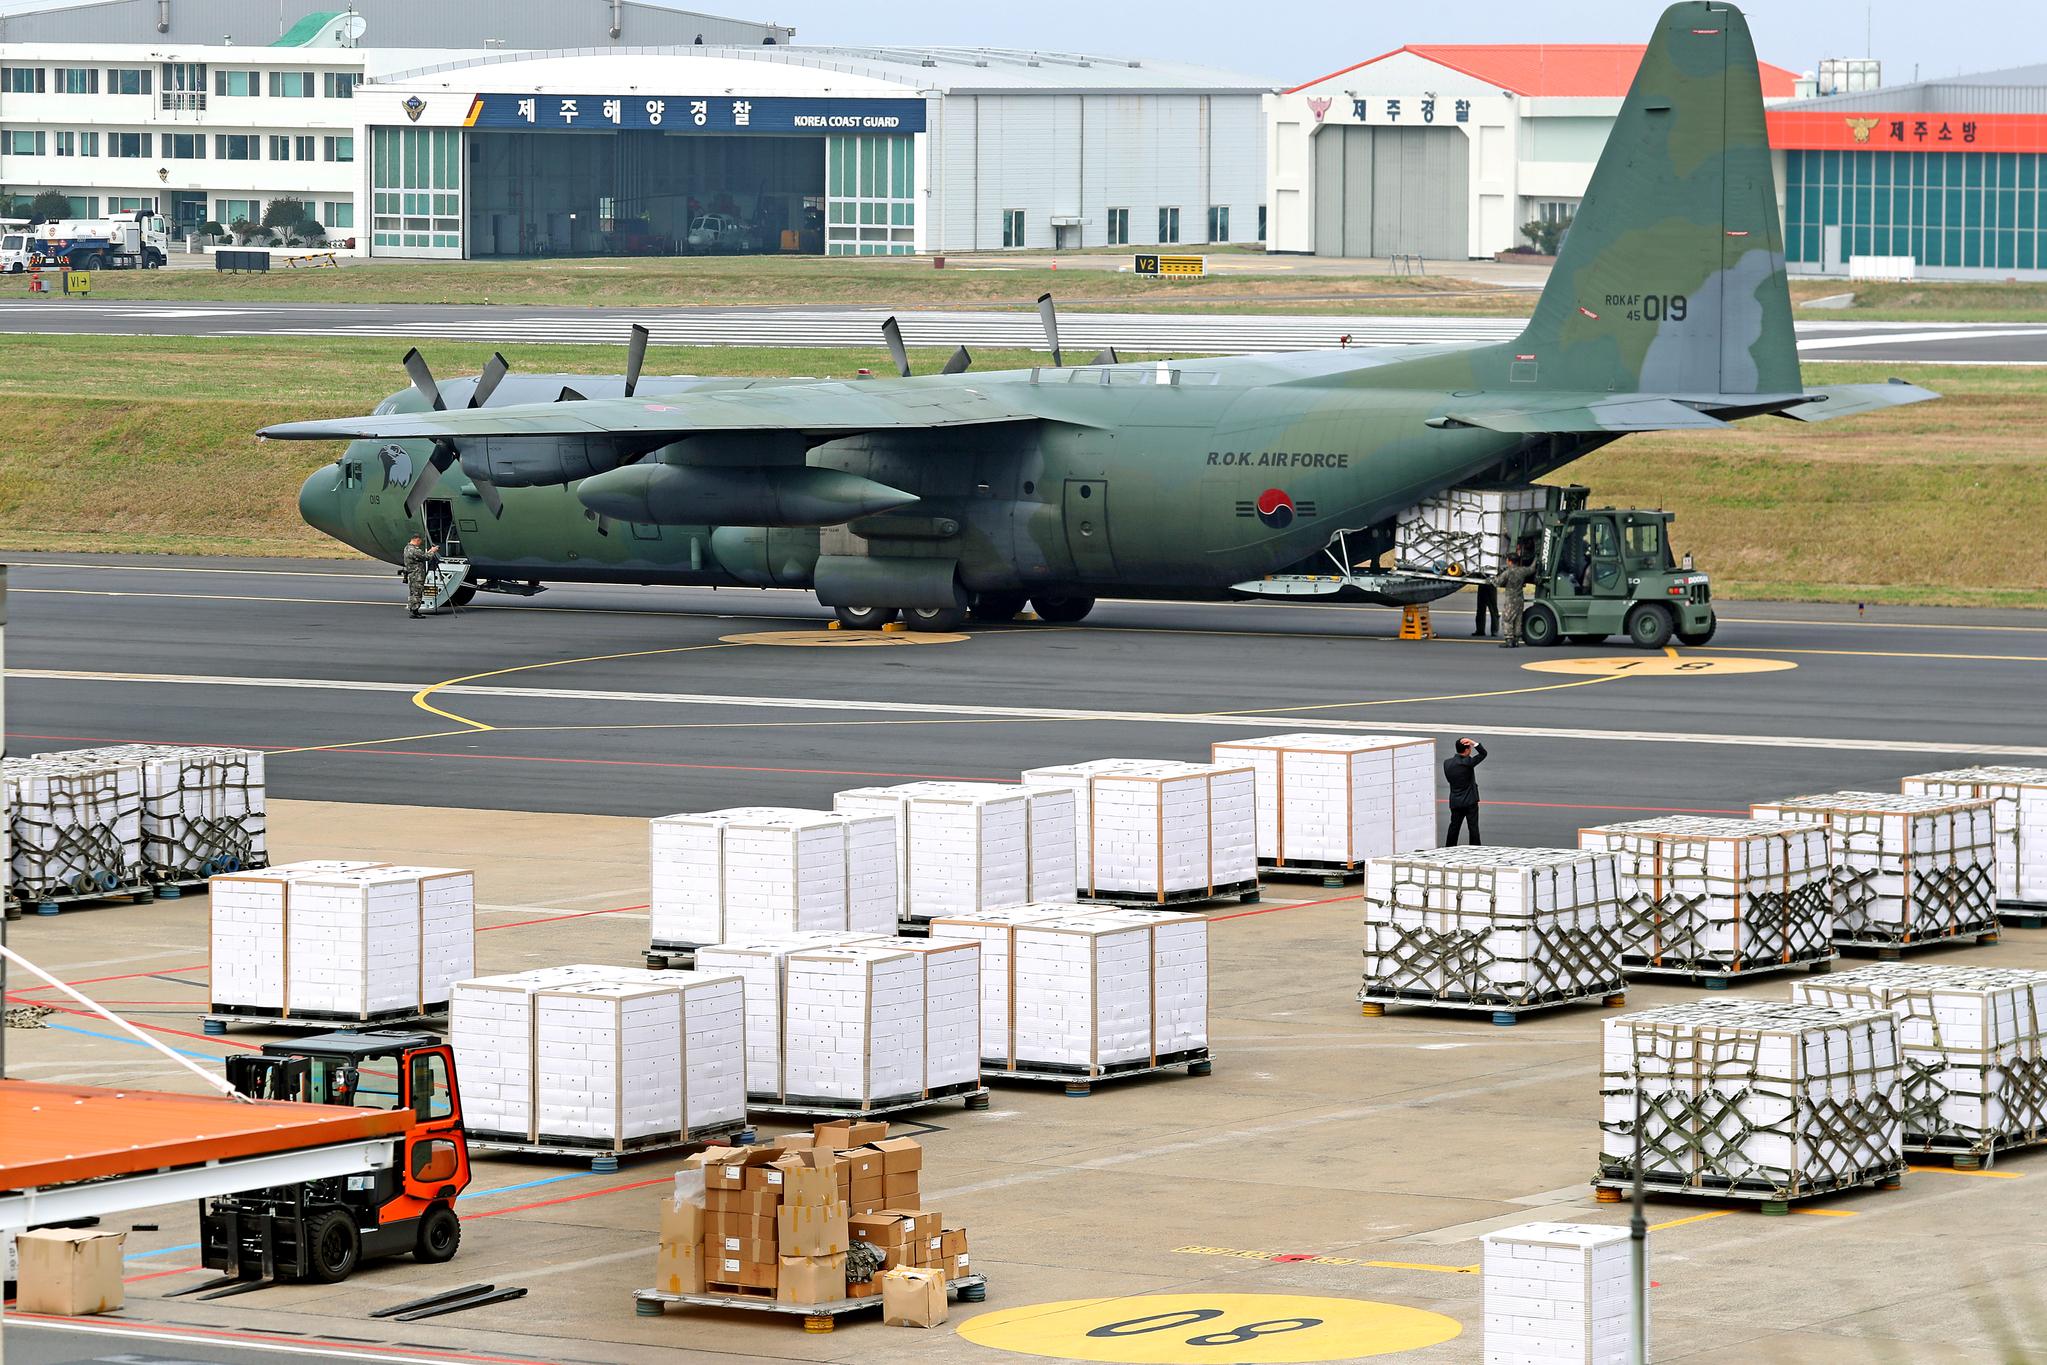 11일 공군이 제주국제공항에서 수송기에 북한에 보낼 제주 감귤을 싣고 있다. [뉴스1]